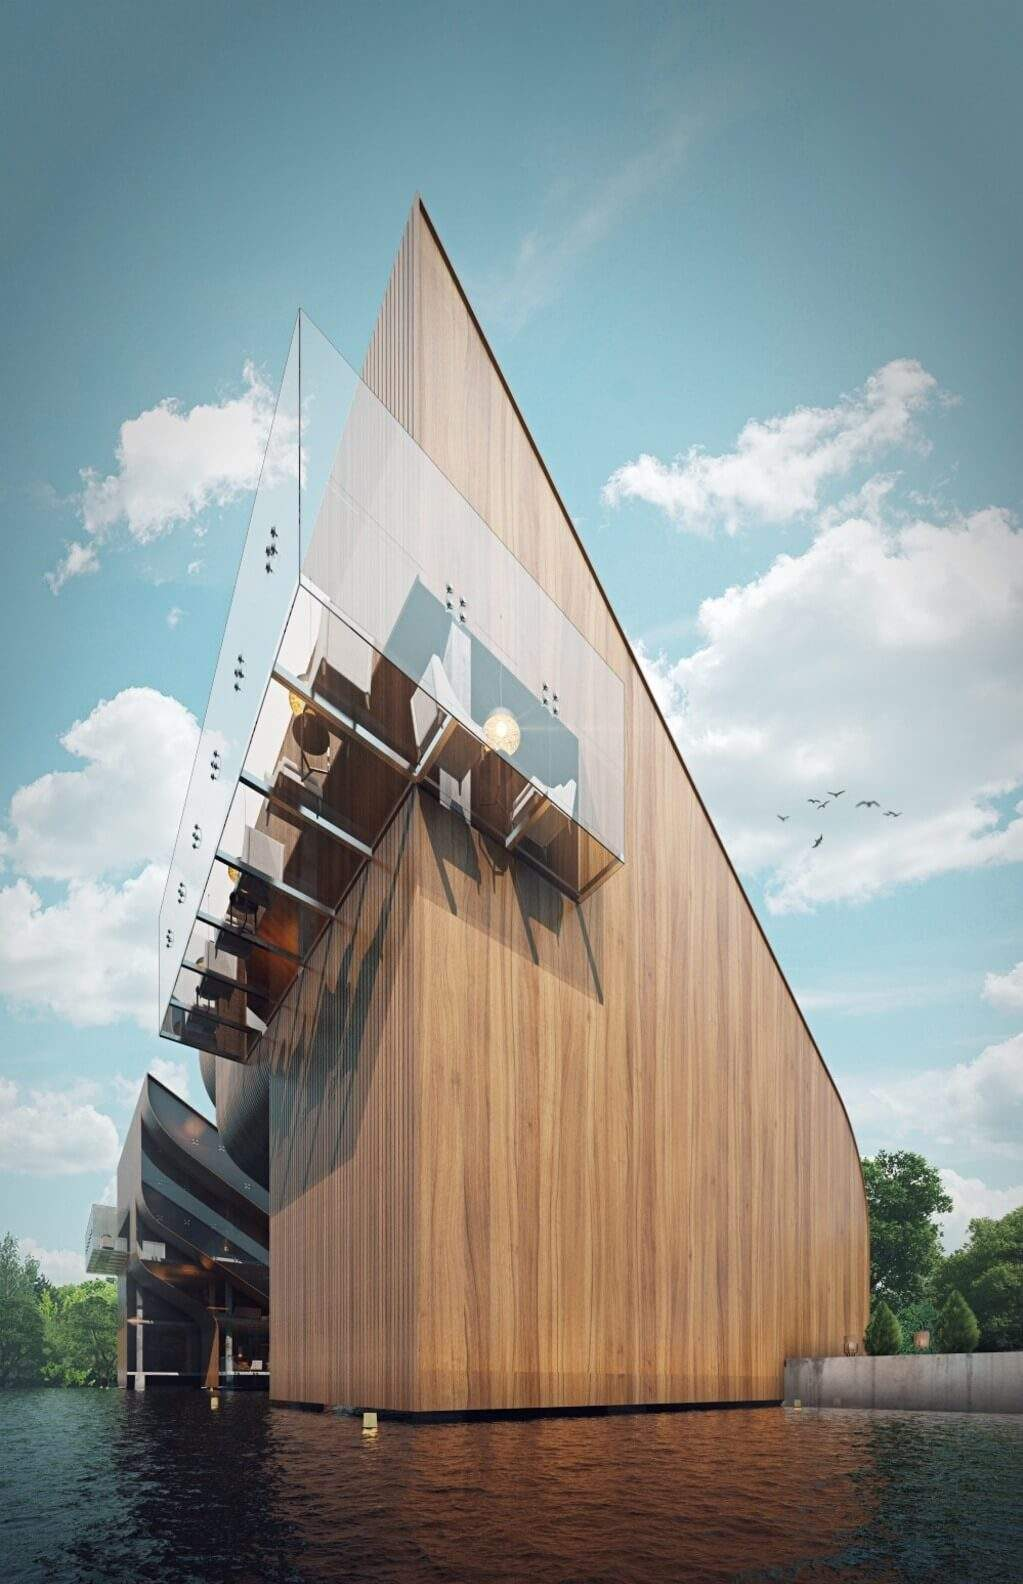 Сучасний, сміливий дизайн вілли   / Фото Architectures Style